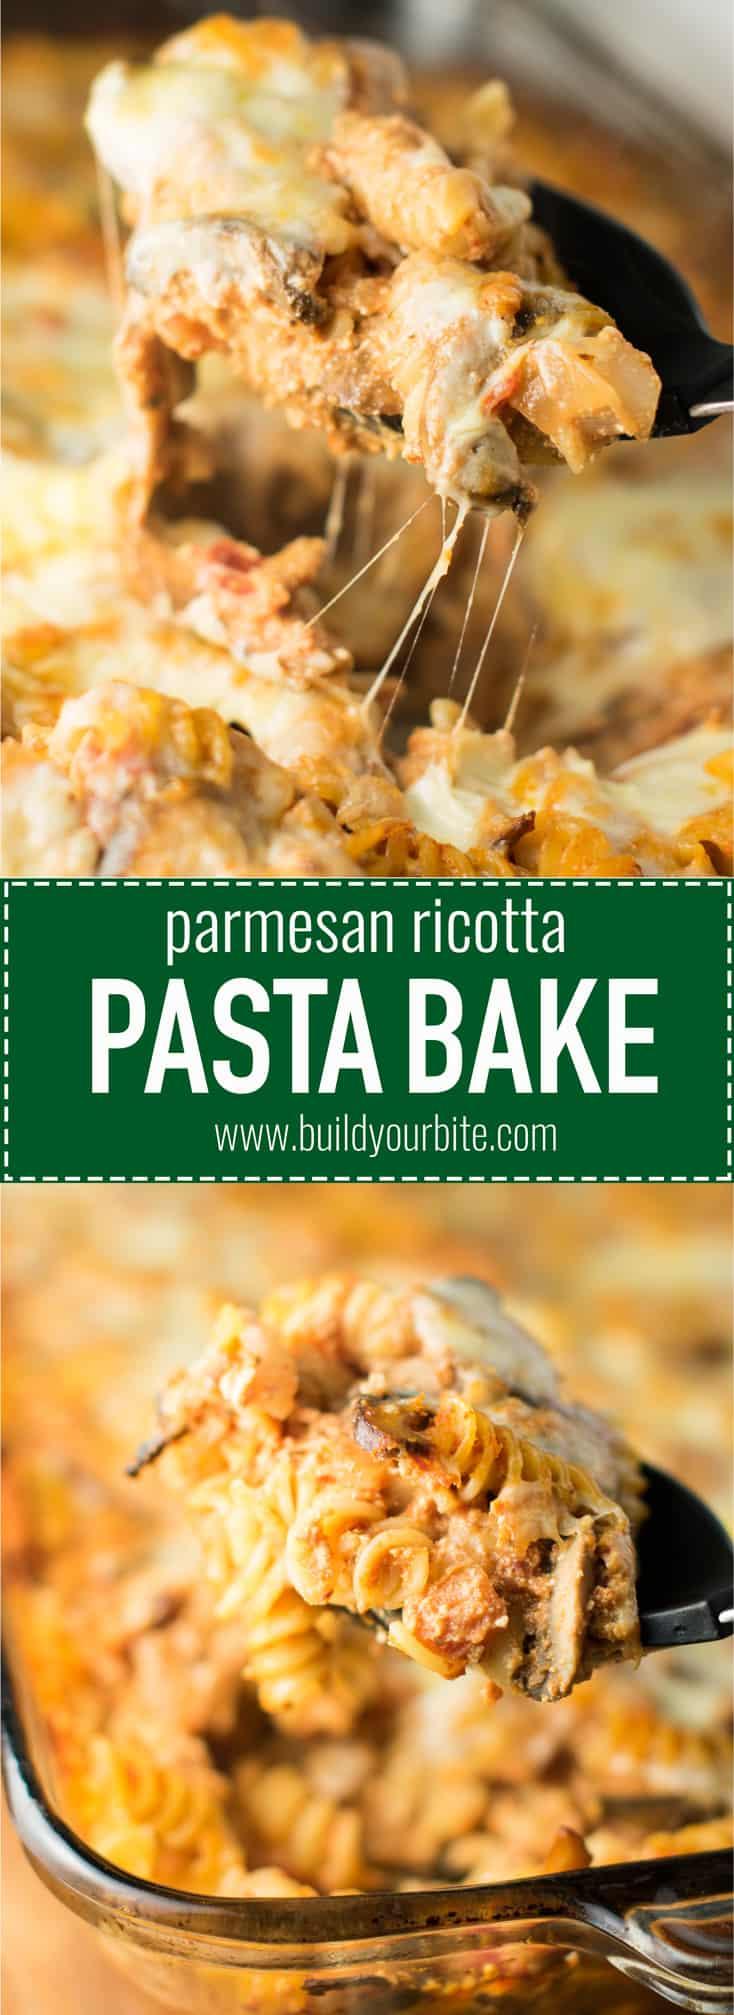 parmesan and ricotta pasta bake #vegetarian #pastabake #rosesauce